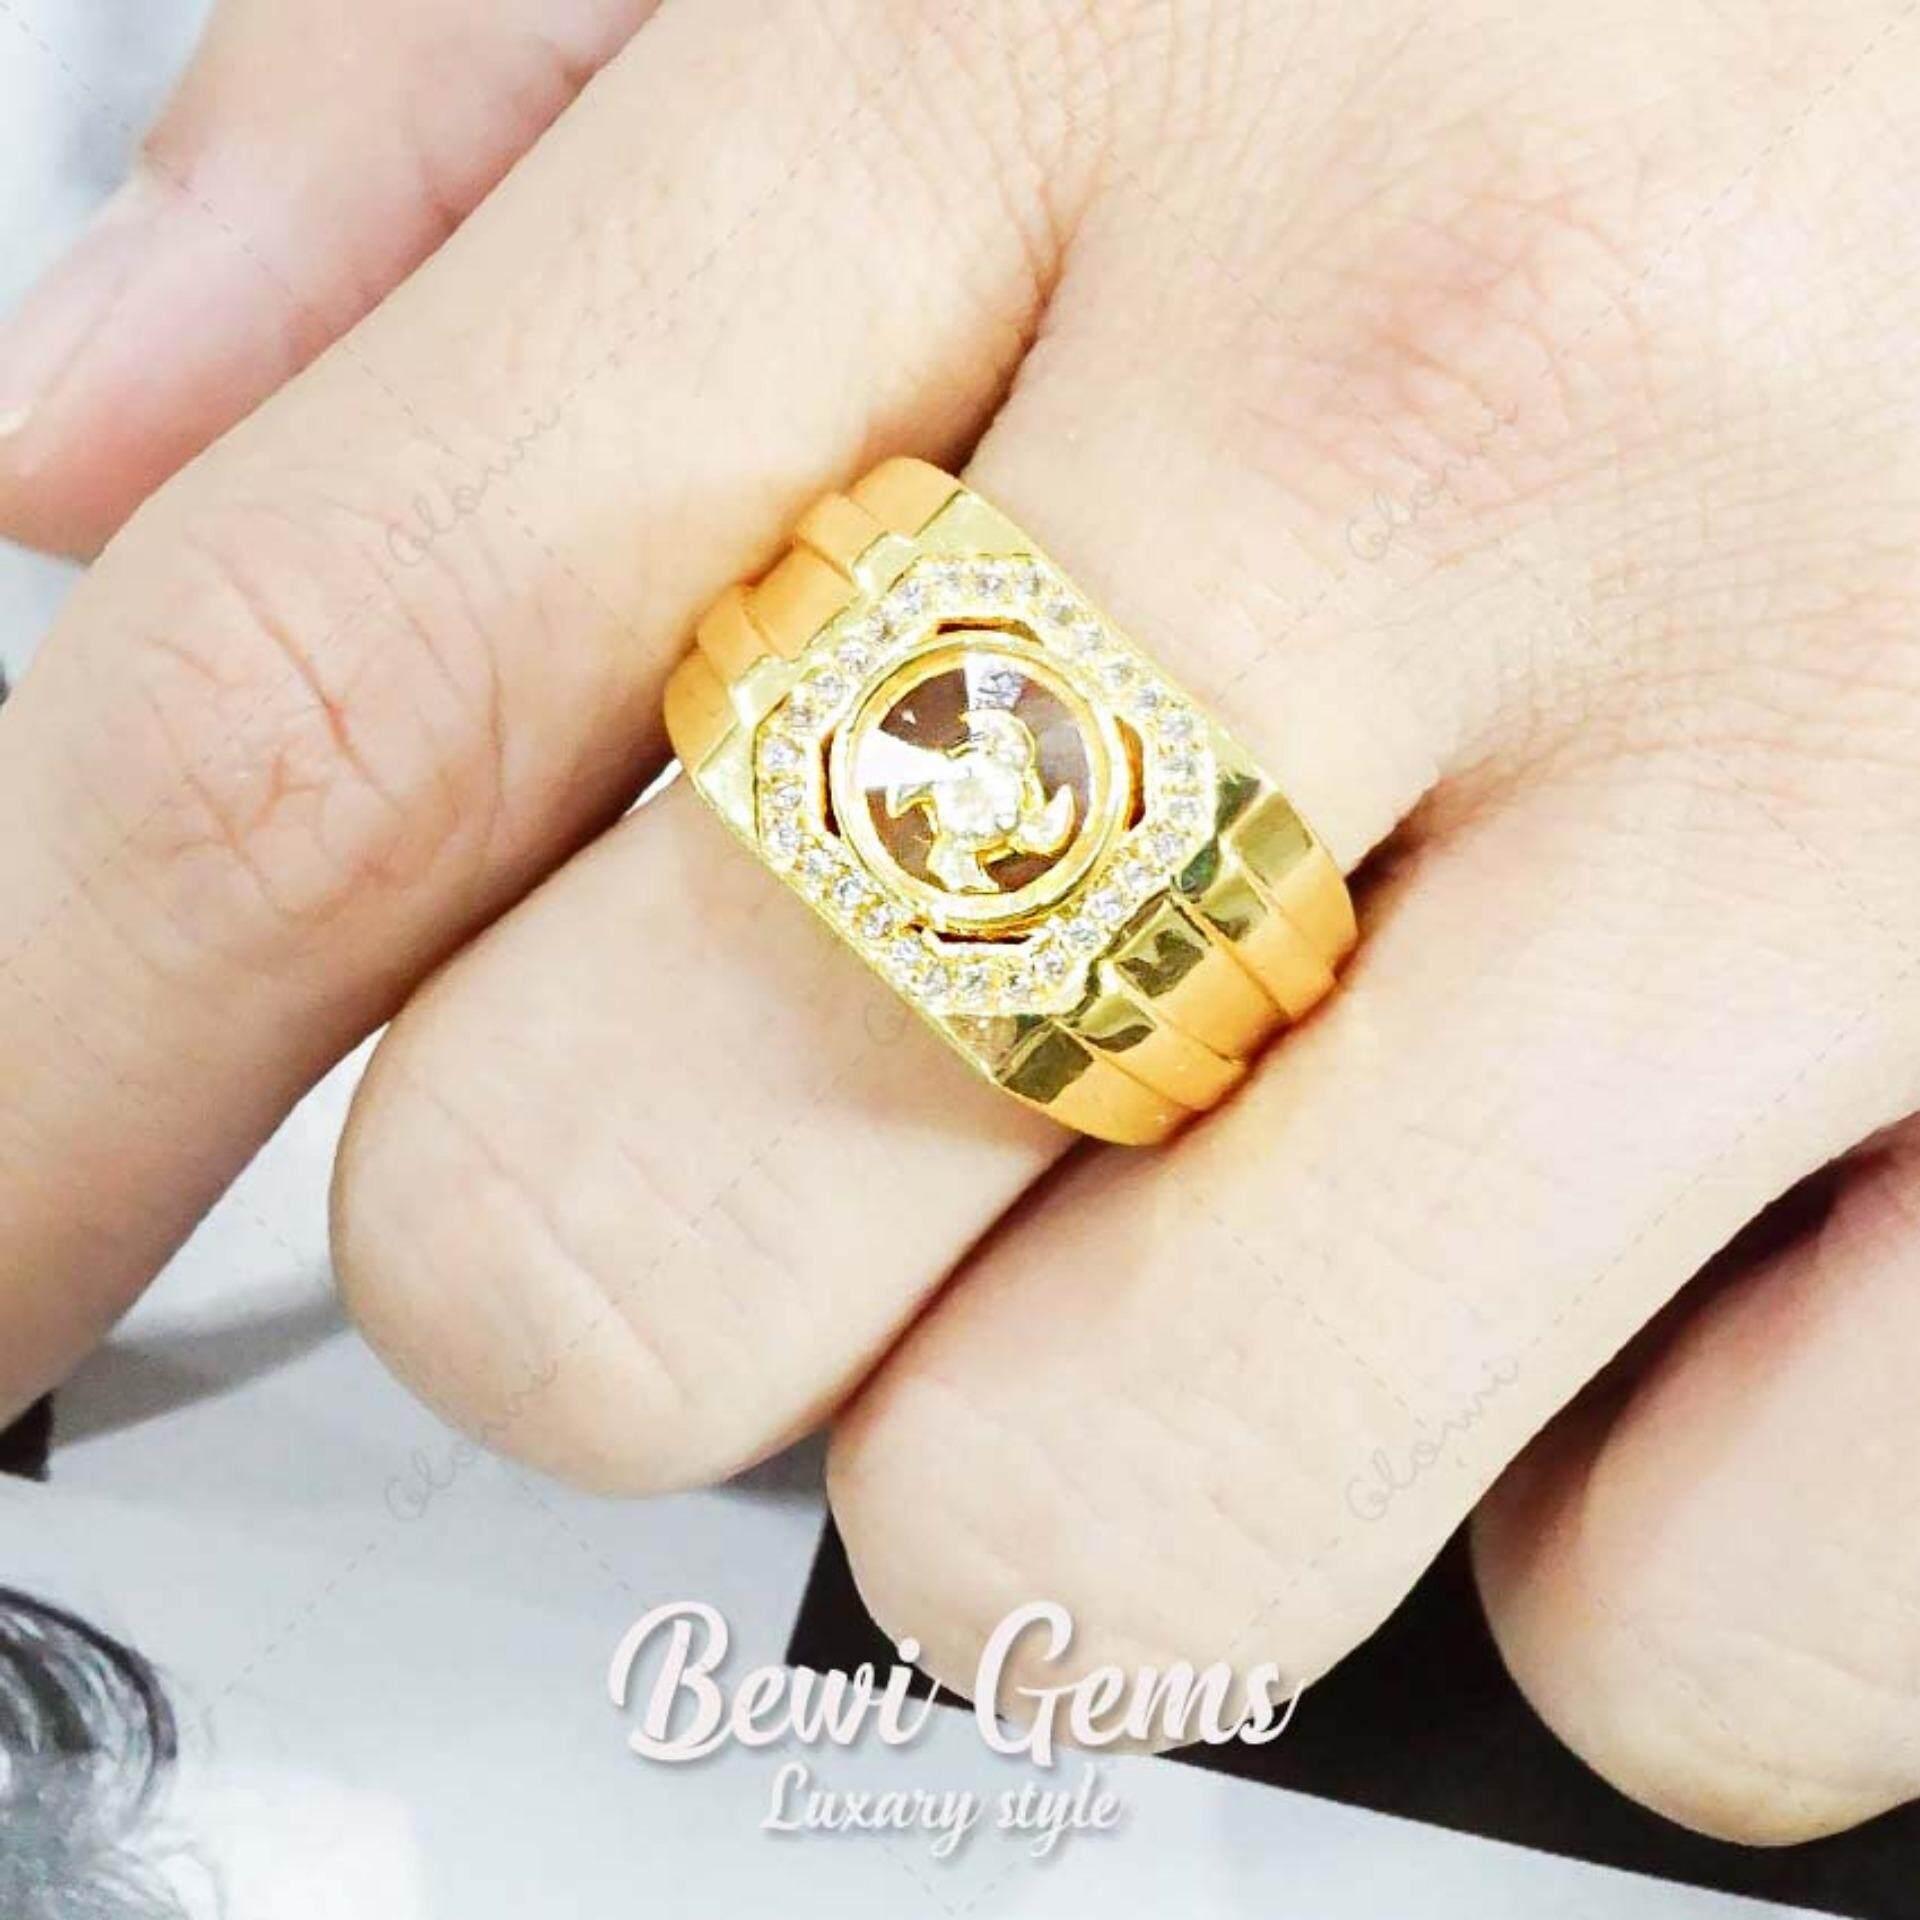 ราคา Bewi G แหวนผู้หญิง สไตล์ แหวนเสริมดวง Ring แหวนกังหัน นำโชค แชกงหมิว กังหันหมุนได้ ประดับเพชร Cz ชุบทอง เหมือนทองแท้ หรูหรา รุ่น Bg R0031 สีทอง Gold Bewi G